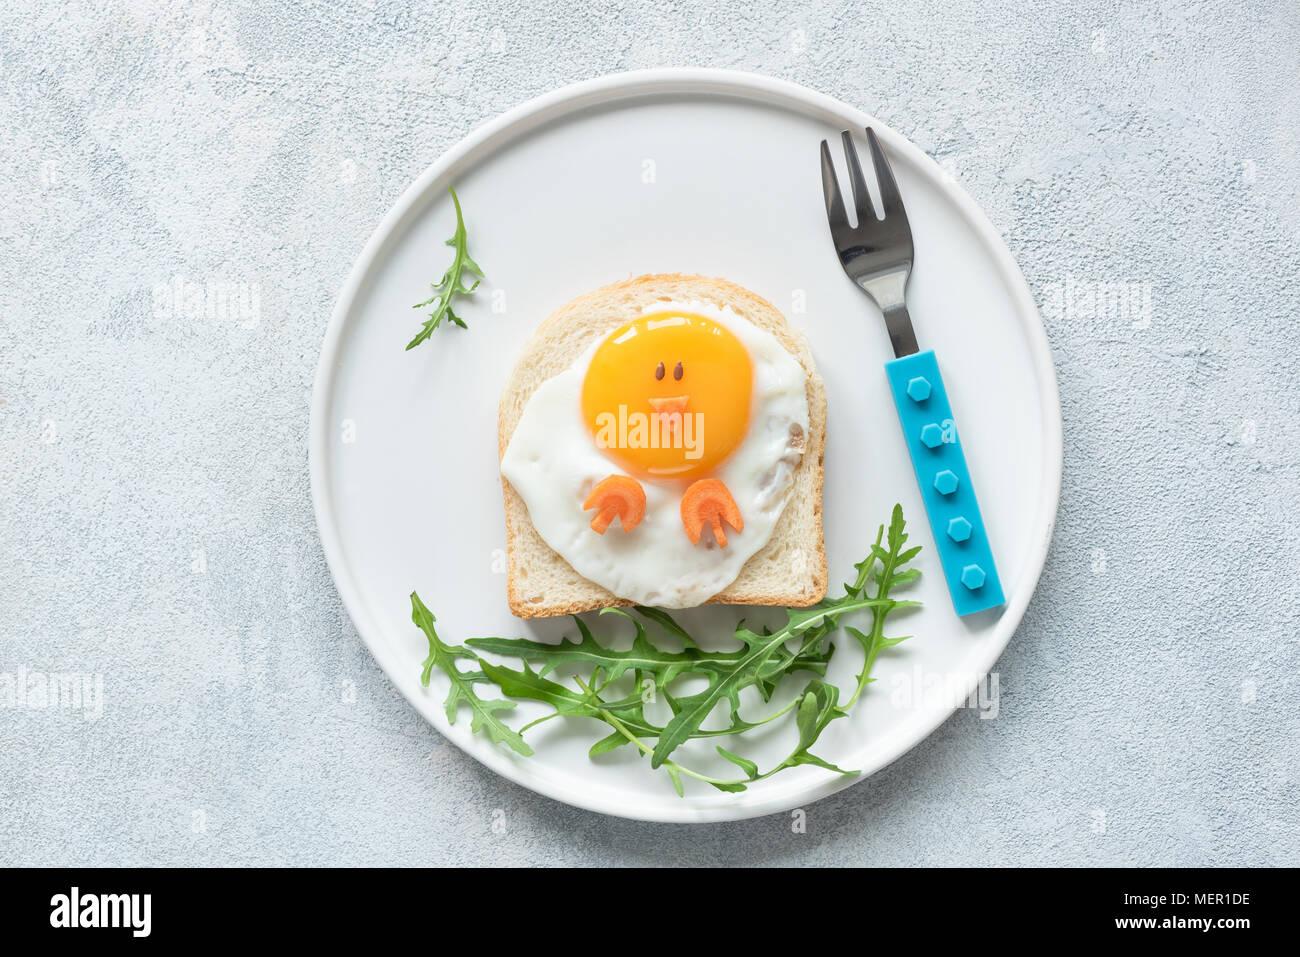 Arte cibo sandwich di pollo per i bambini. Carino uovo a forma di sandwich di pollo su piastra bianca. Vista superiore Immagini Stock